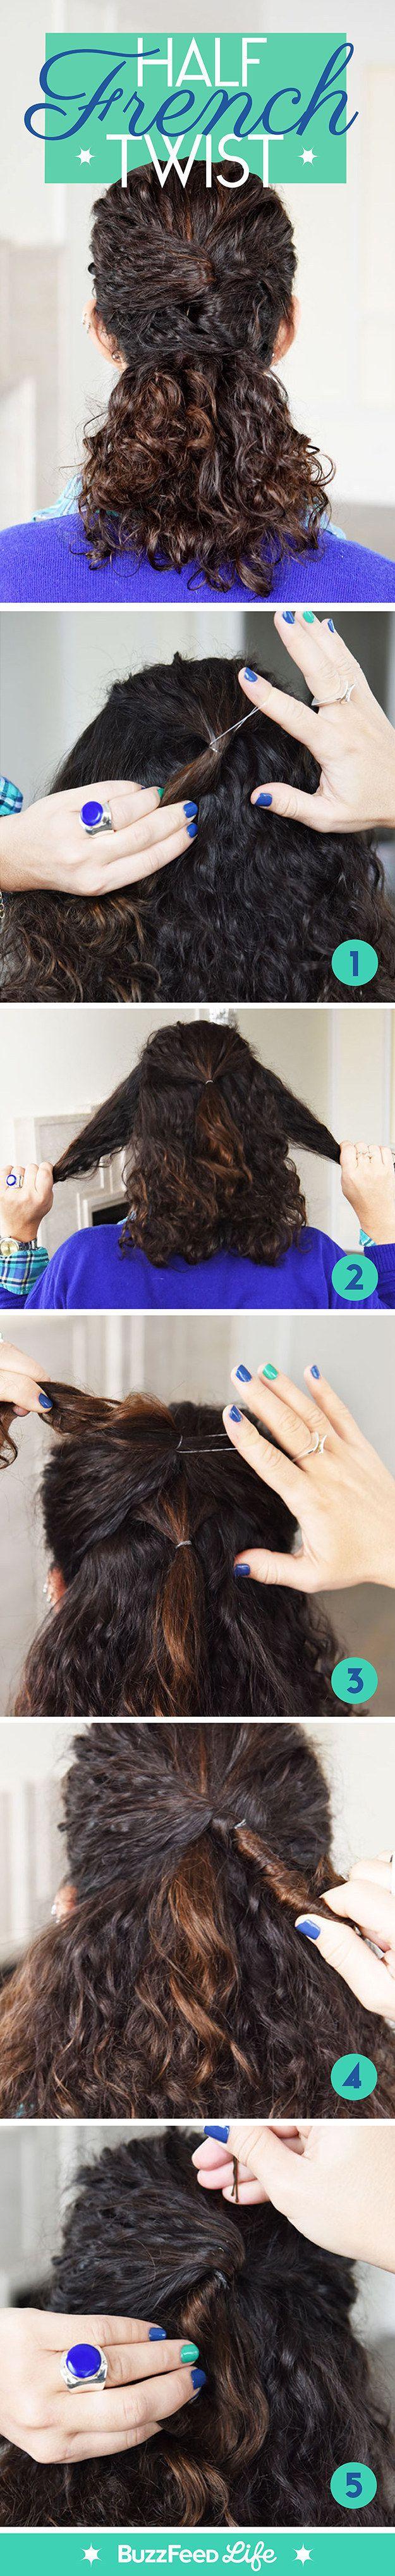 Prenda o cabelo em um meio-torcido francês para um look ~chique~.   17 penteados lindos para cabelos naturalmente cacheados